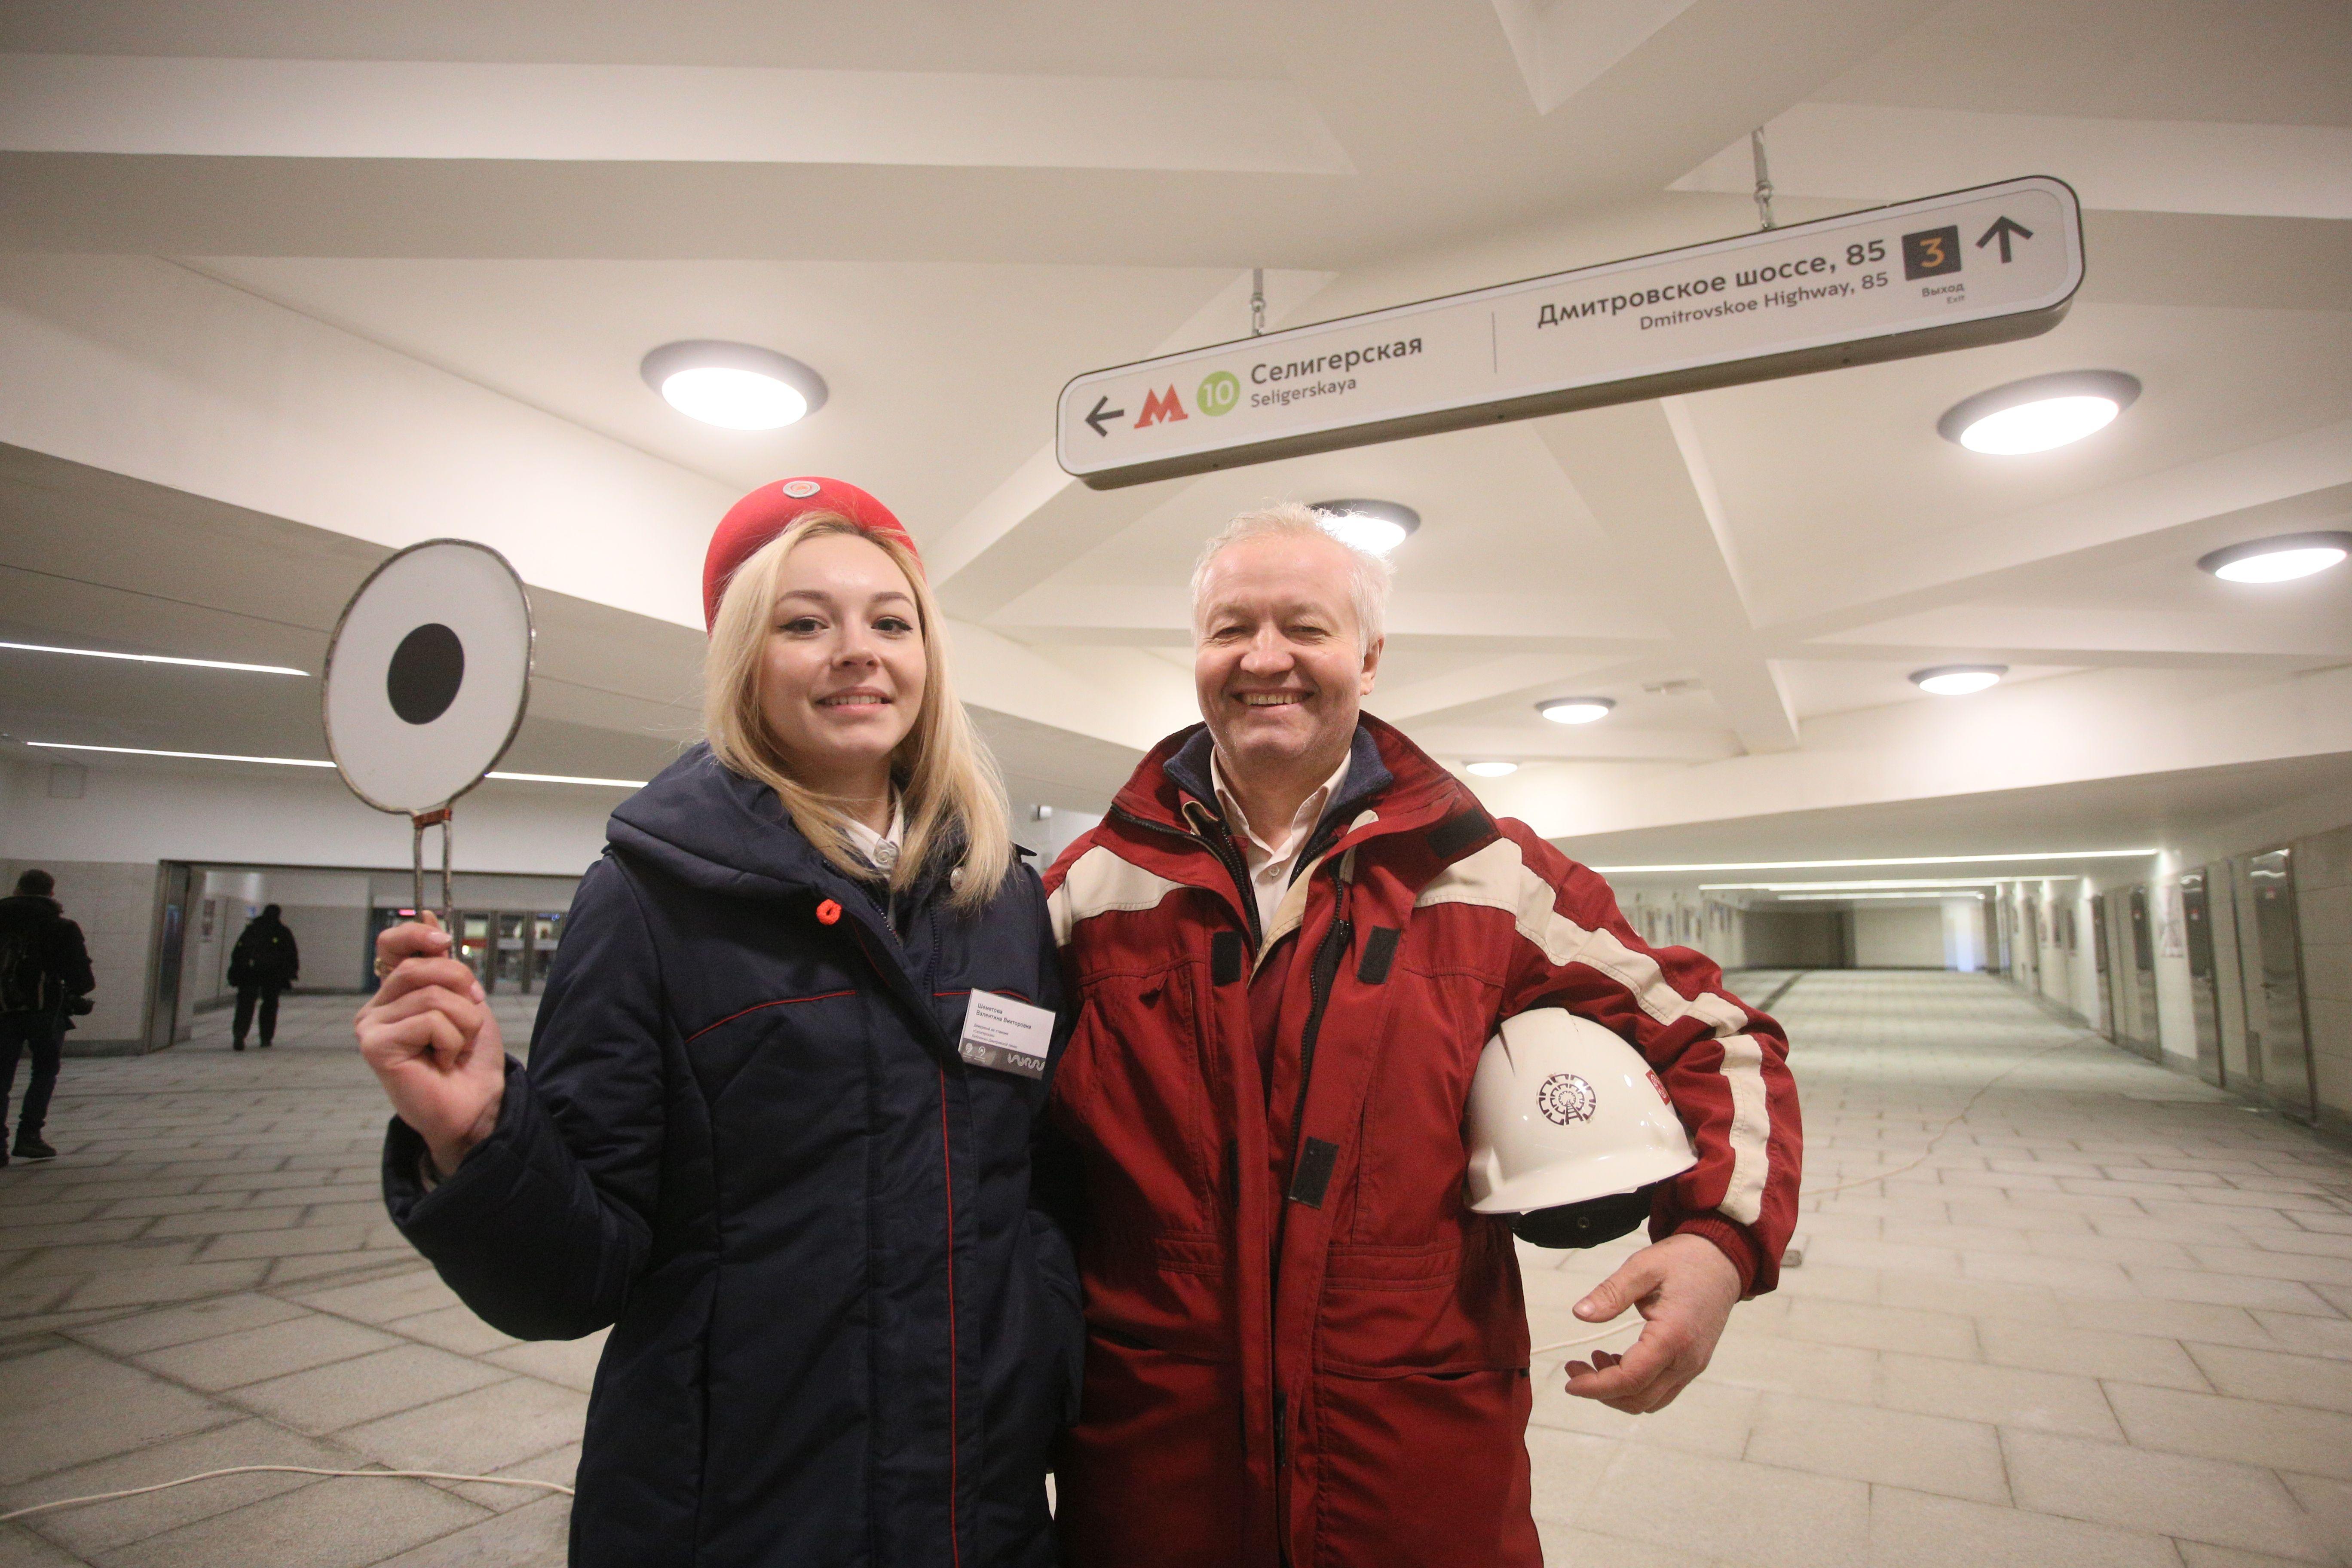 Пассажиропоток нового участка Люблинско-Дмитровской линии достиг 19 миллионов человек